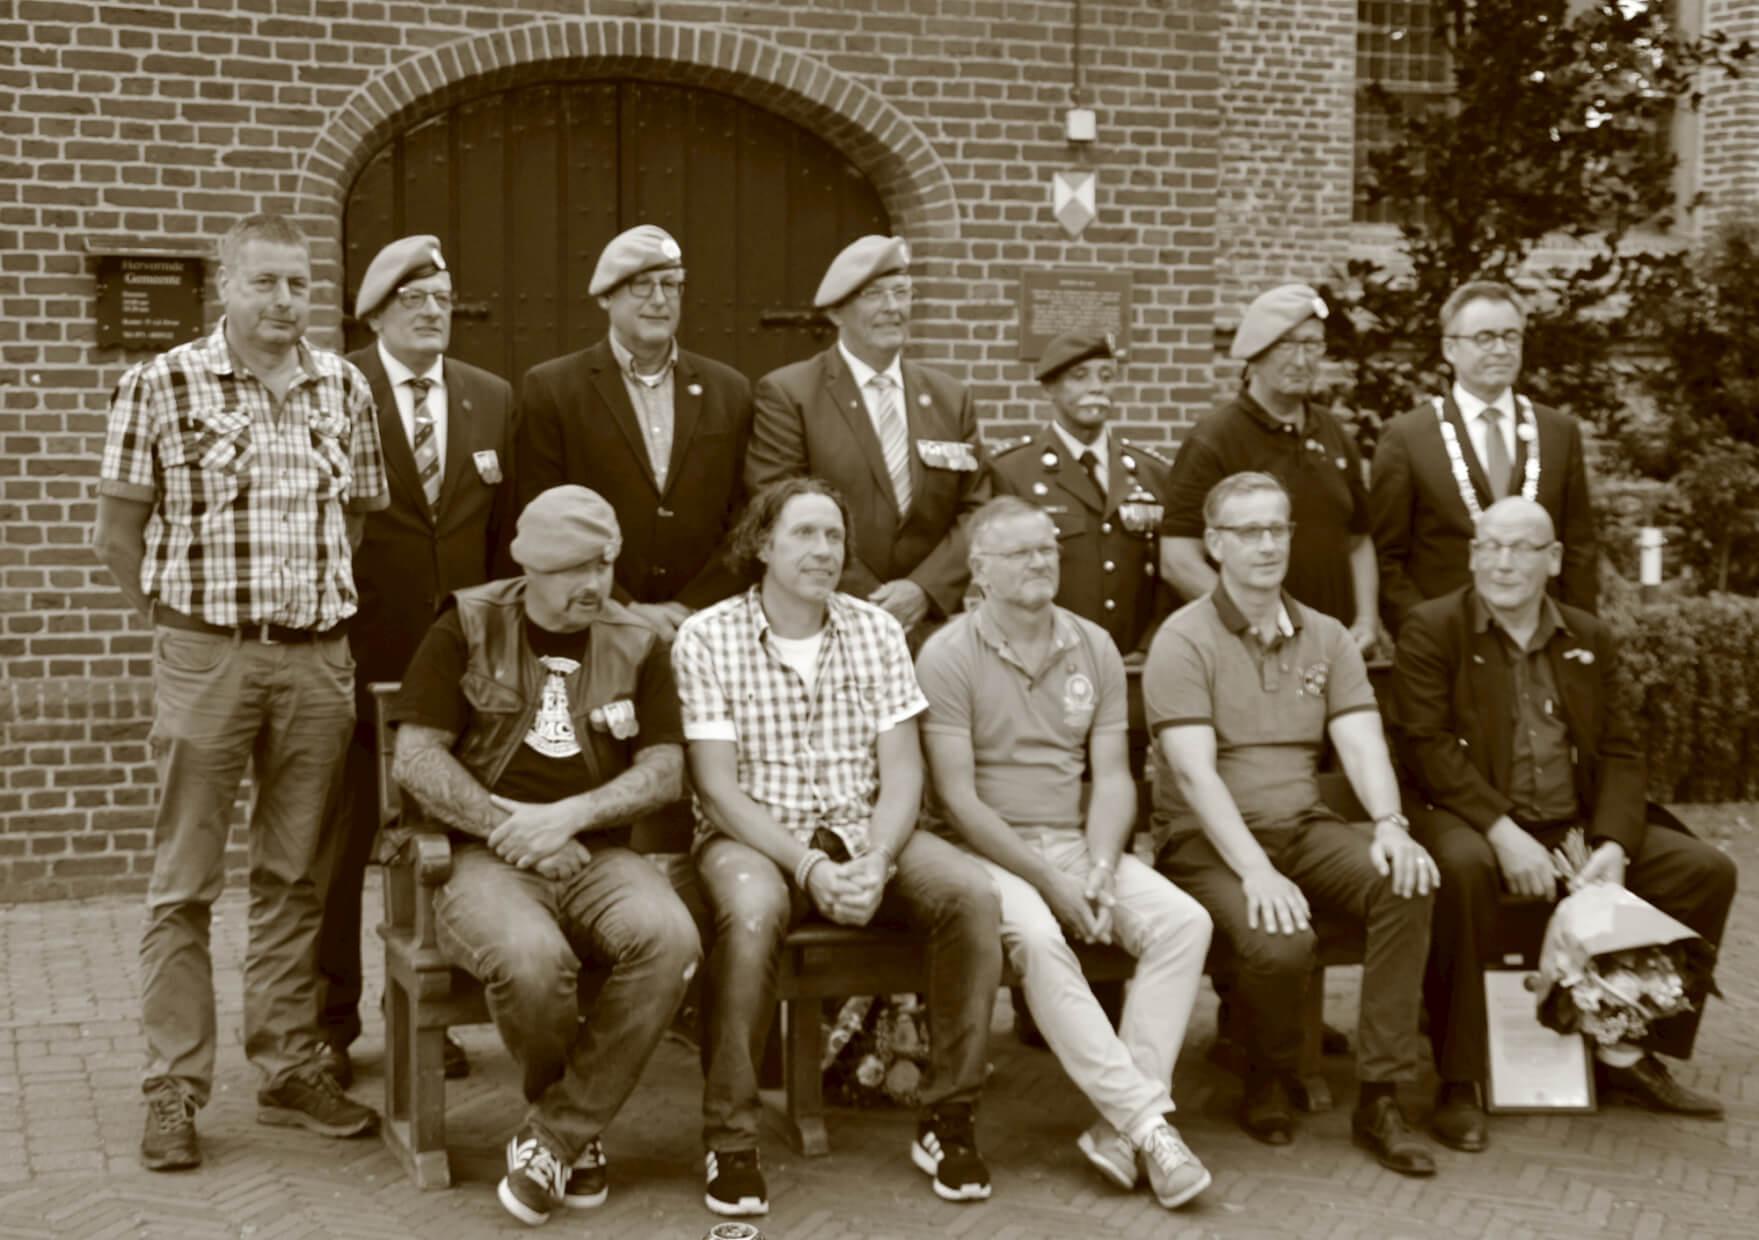 Veteranenconcert Katwijk